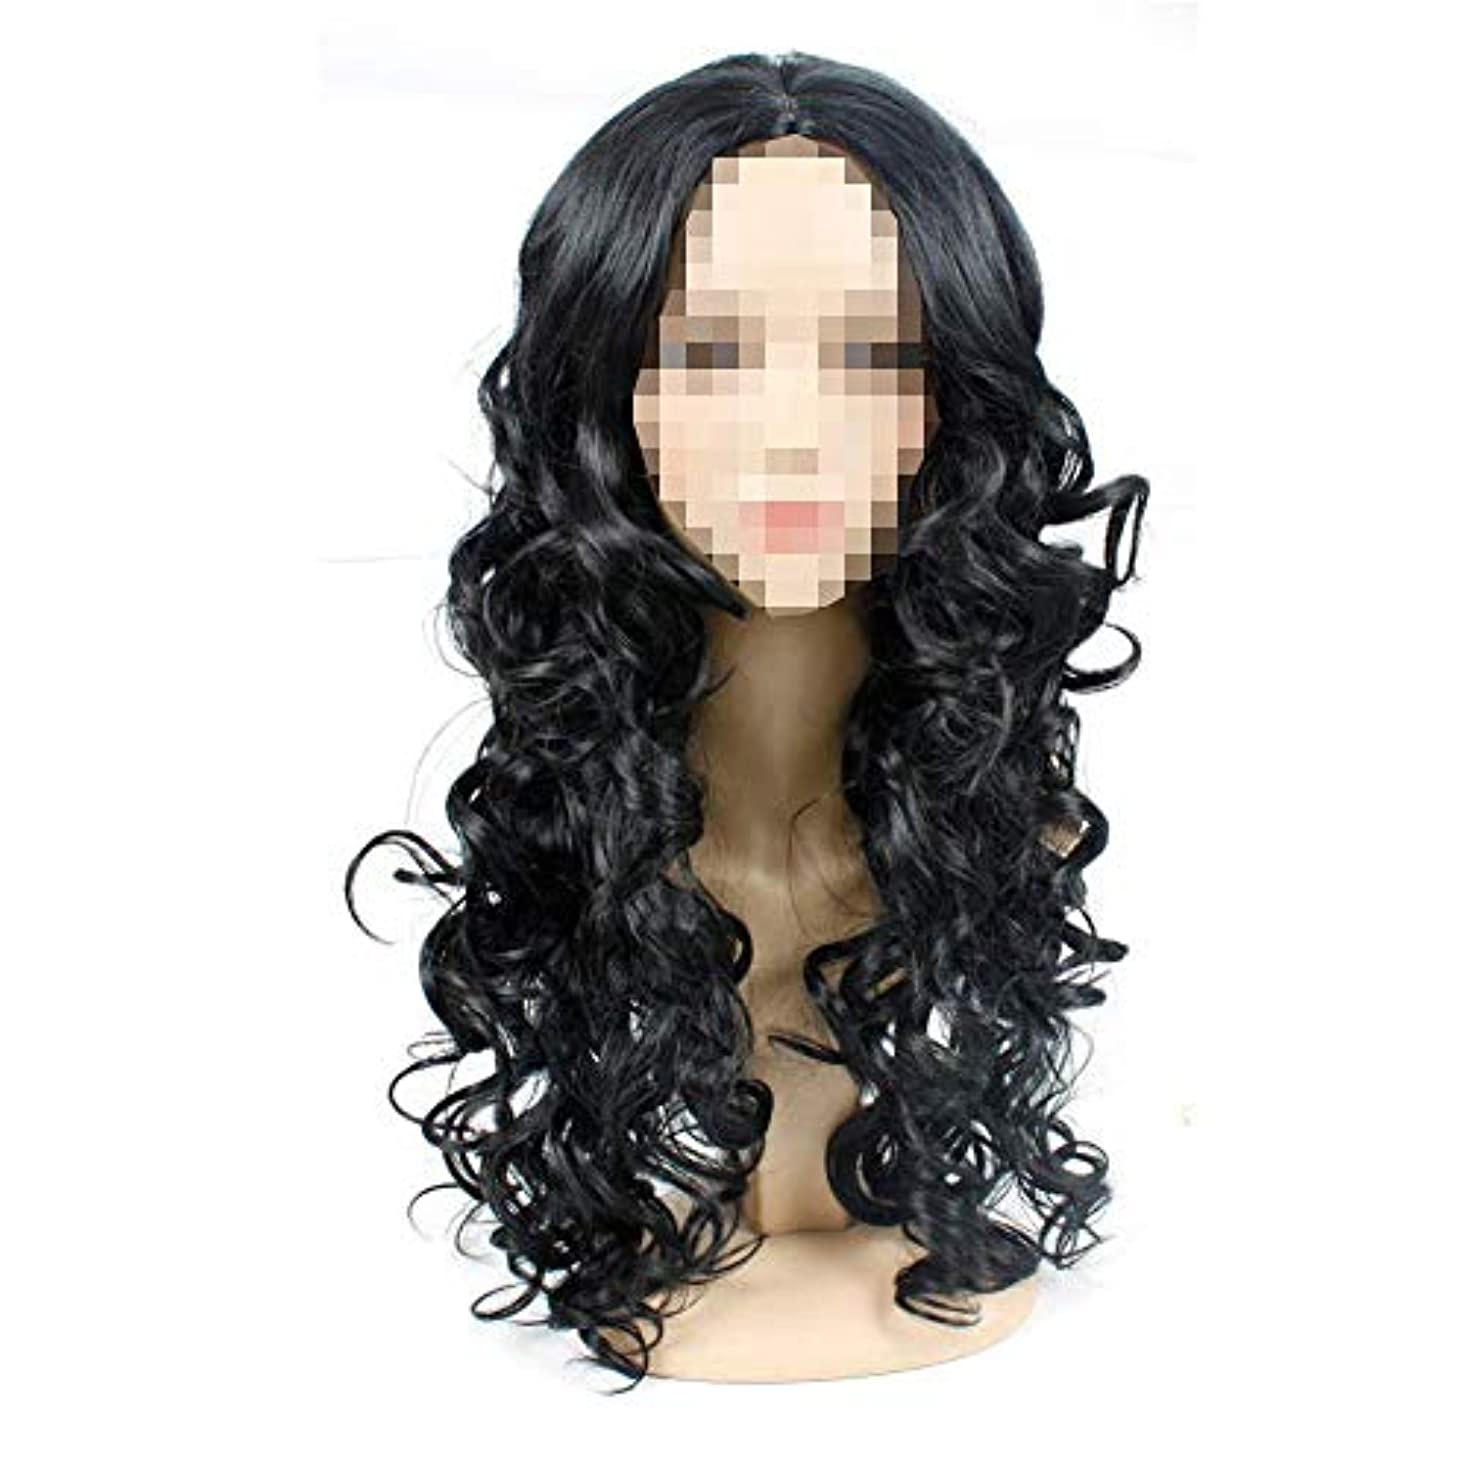 セミナーガレージ組み合わせブラックカラーロングウェーブ人工毛ウィッグ女性用コスプレウィッグミディアムロングカーリーヘア耐性髪/ハロウィンパーティー